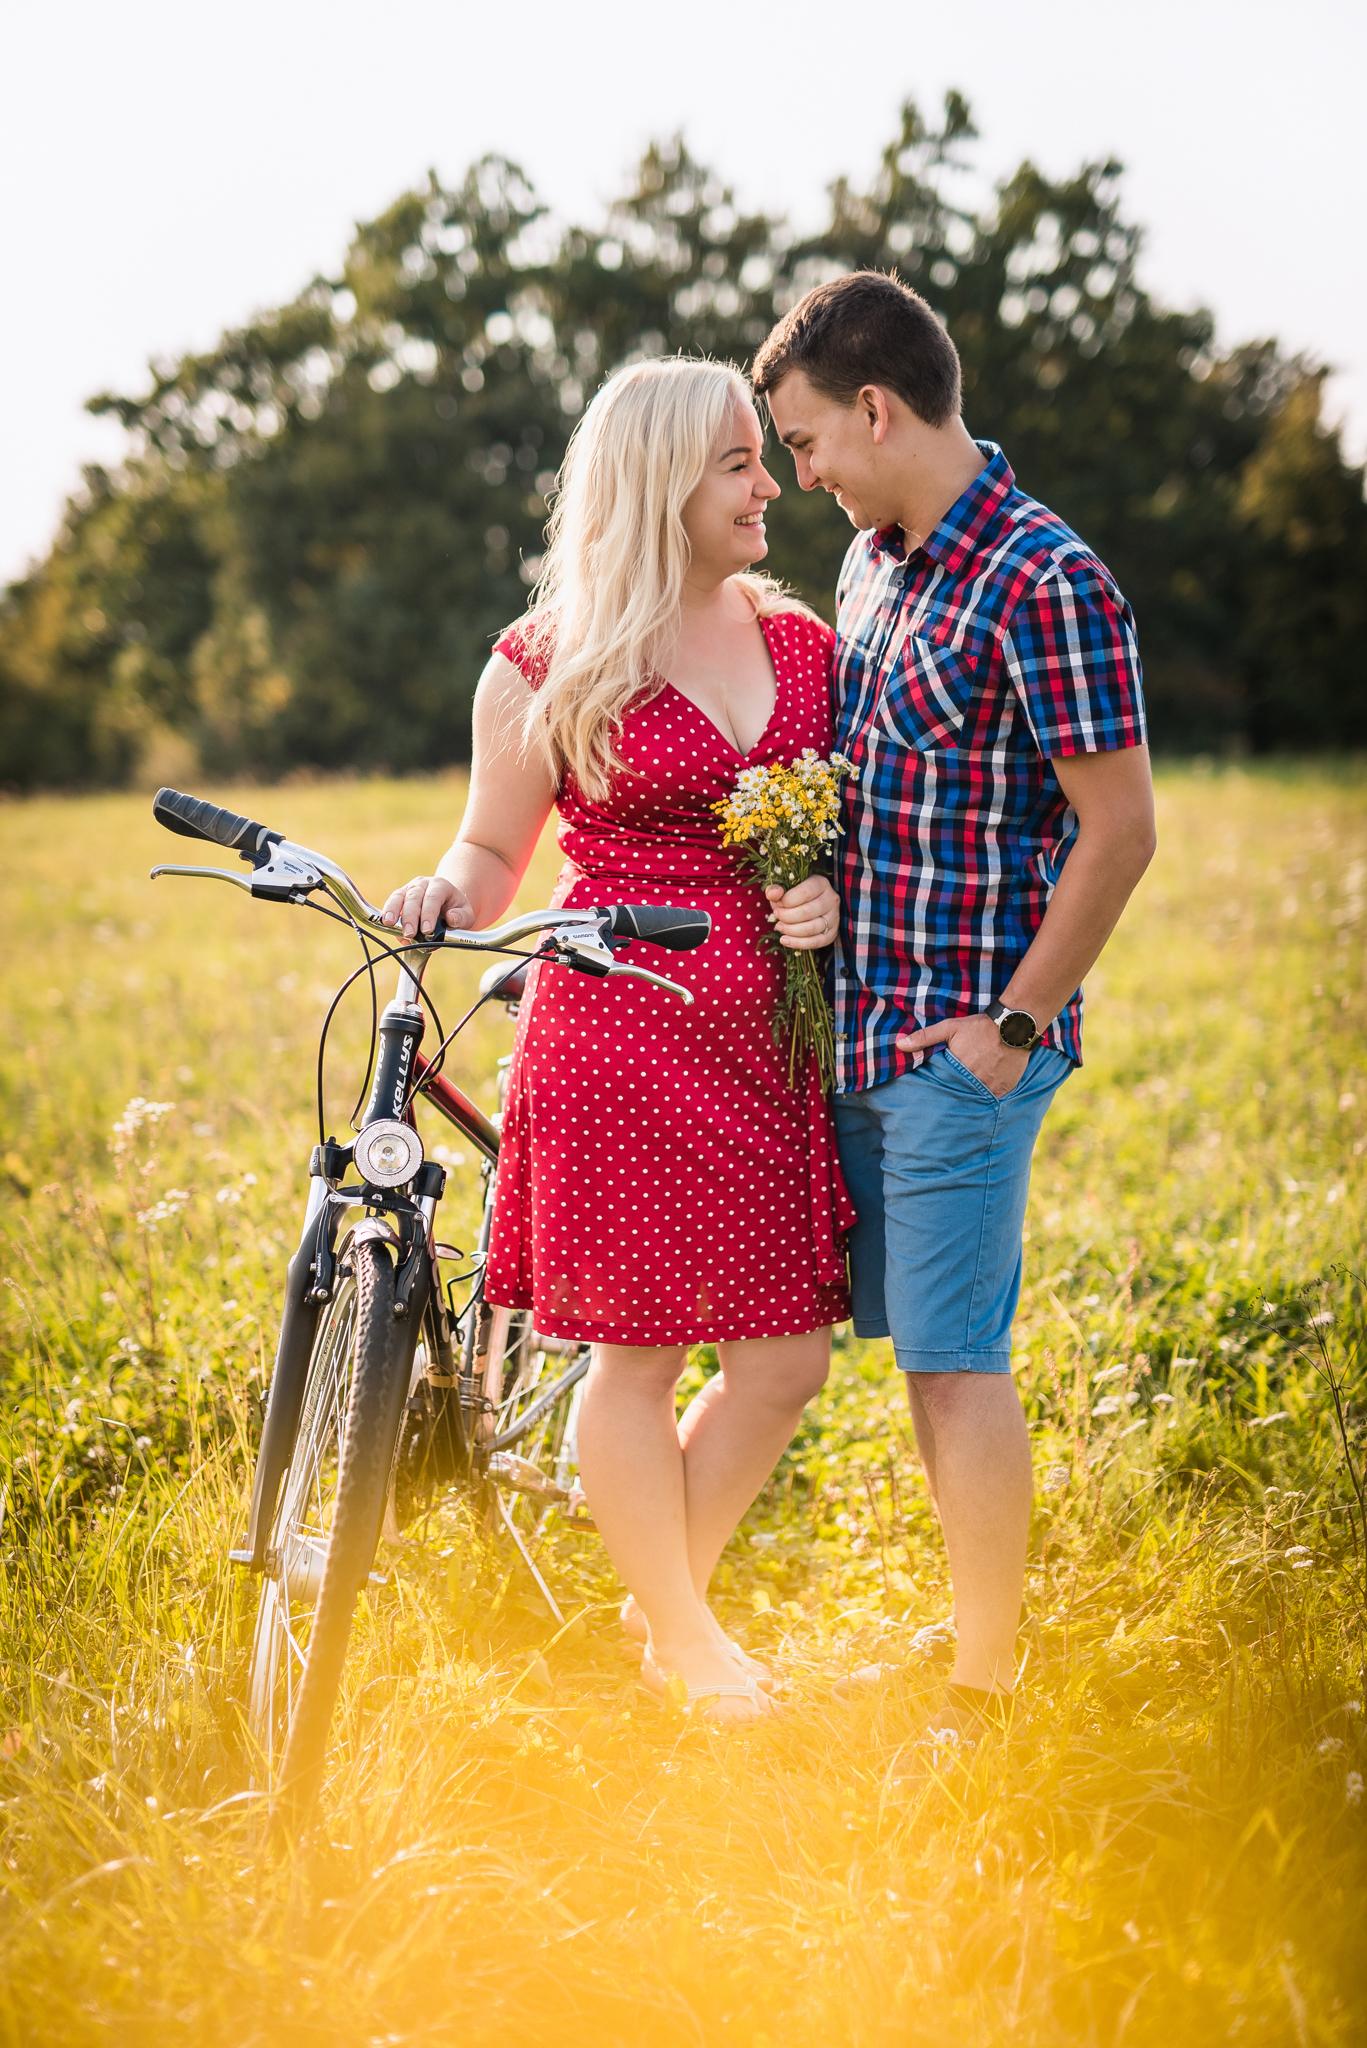 pár, kvety, lúka, láska, úsmev, smiech, romantika, retro, bicykel, bike